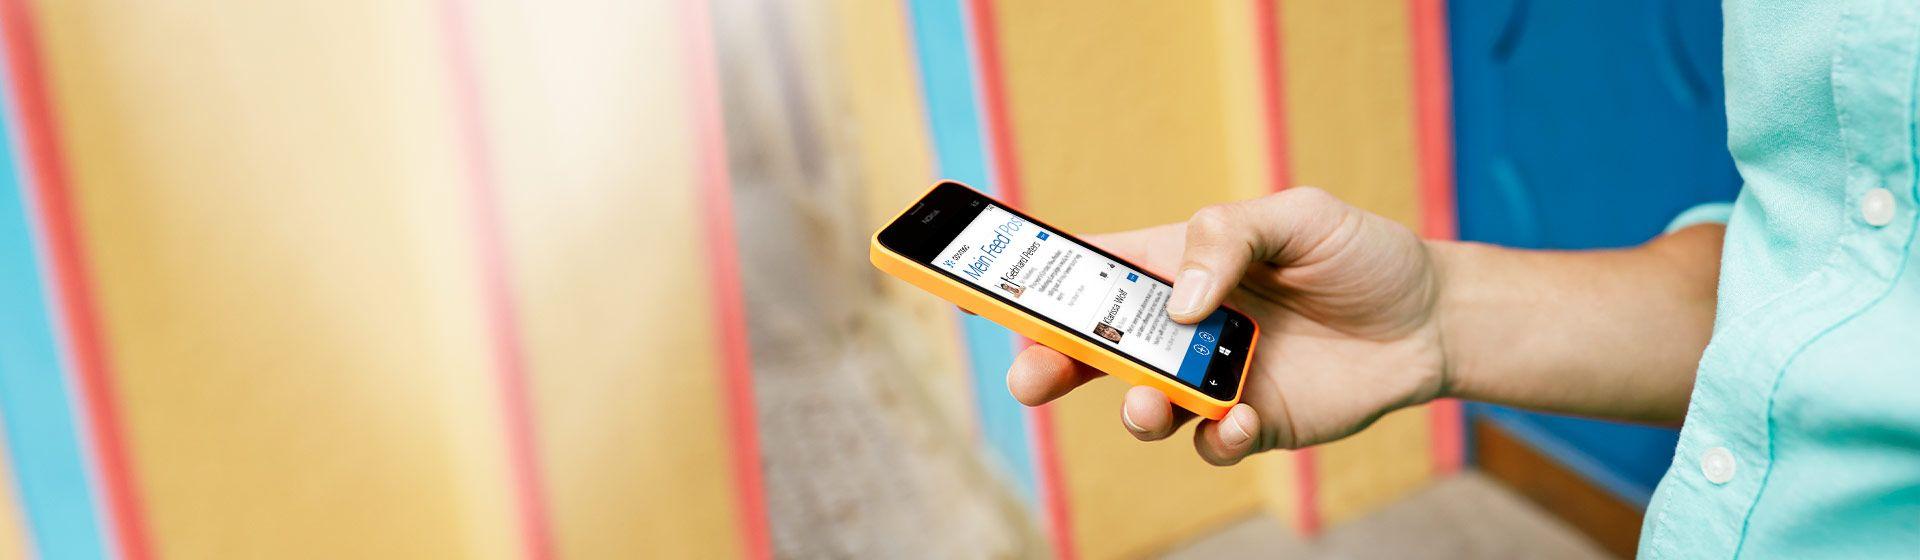 Ein Mann mit einem Windows Phone in der Hand, auf dem der Feed in der mobilen Yammer-App angezeigt wird